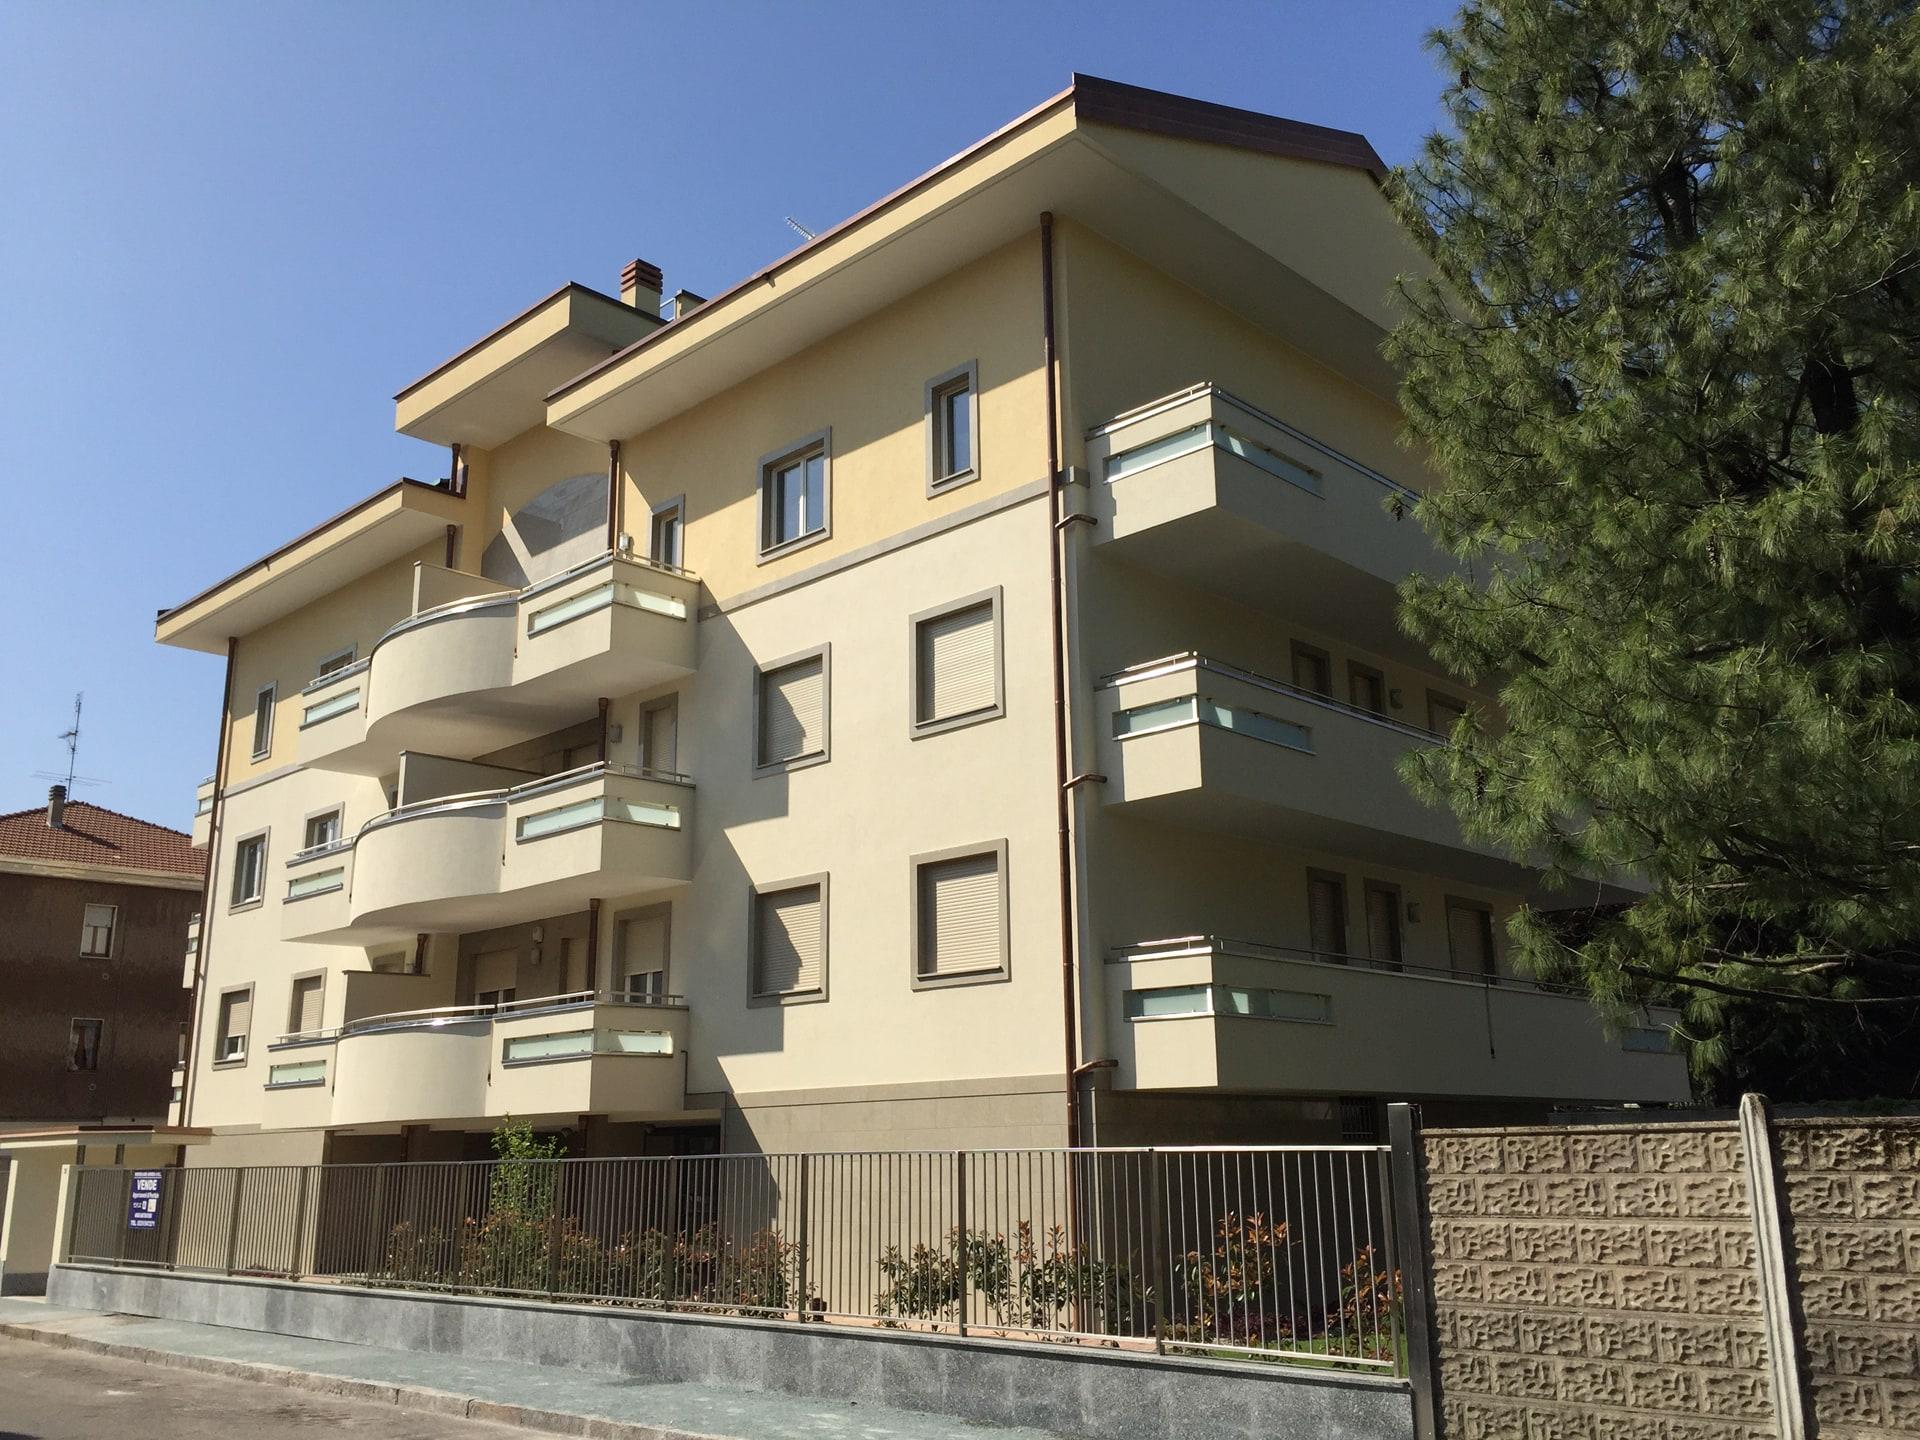 Residenza Dall'Acqua